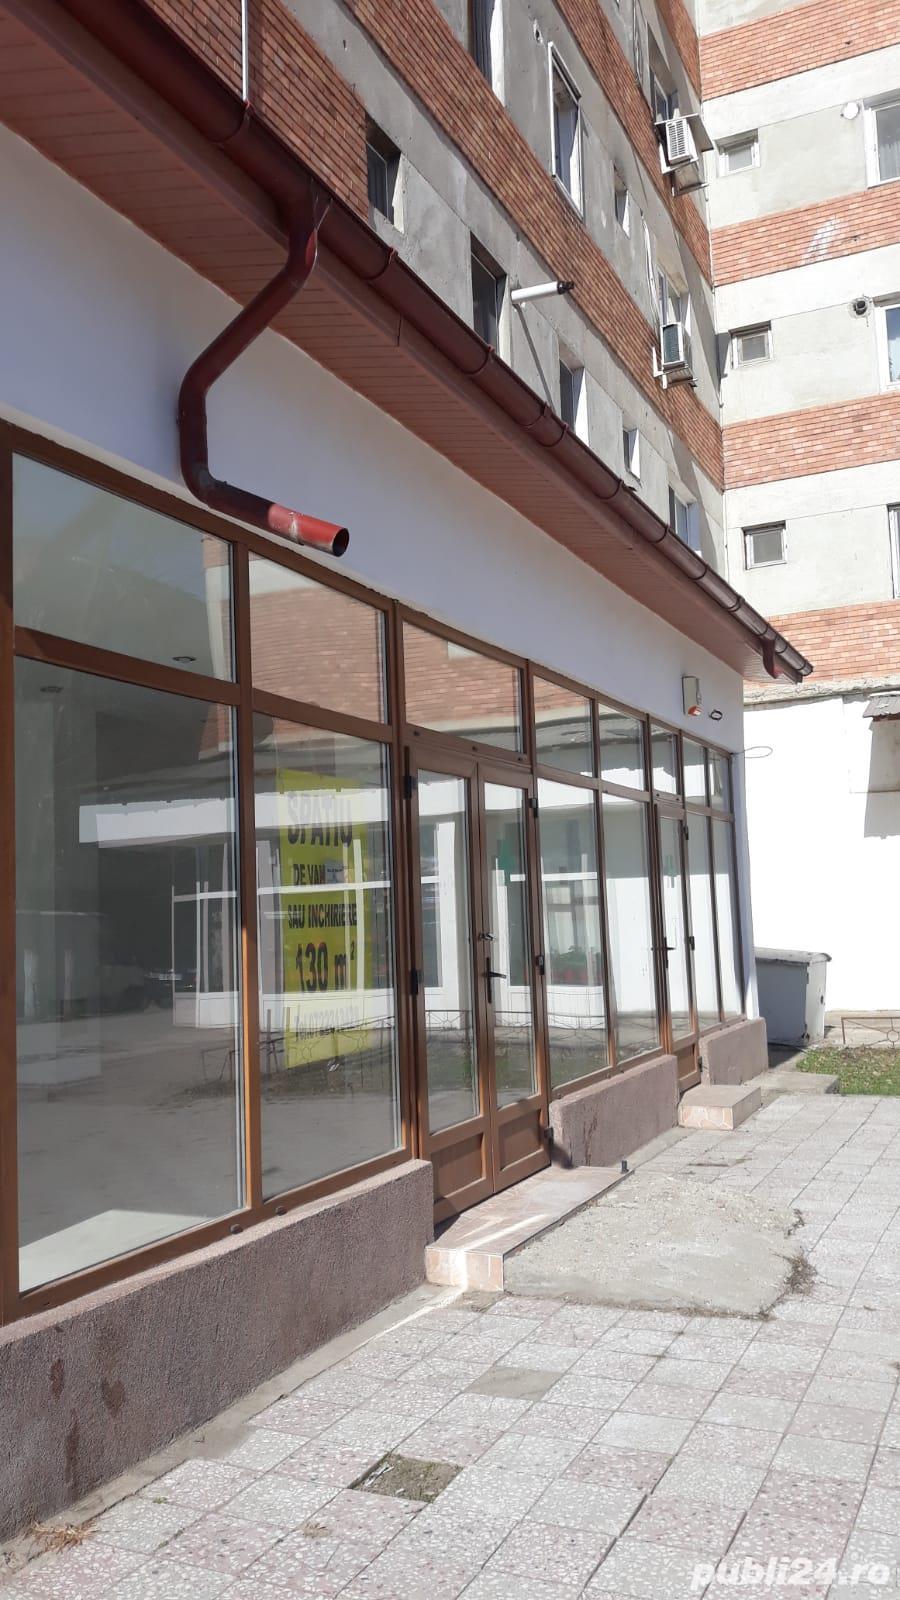 Spatiu comercial ultracentral Corabia, Olt, direct de la proprietar